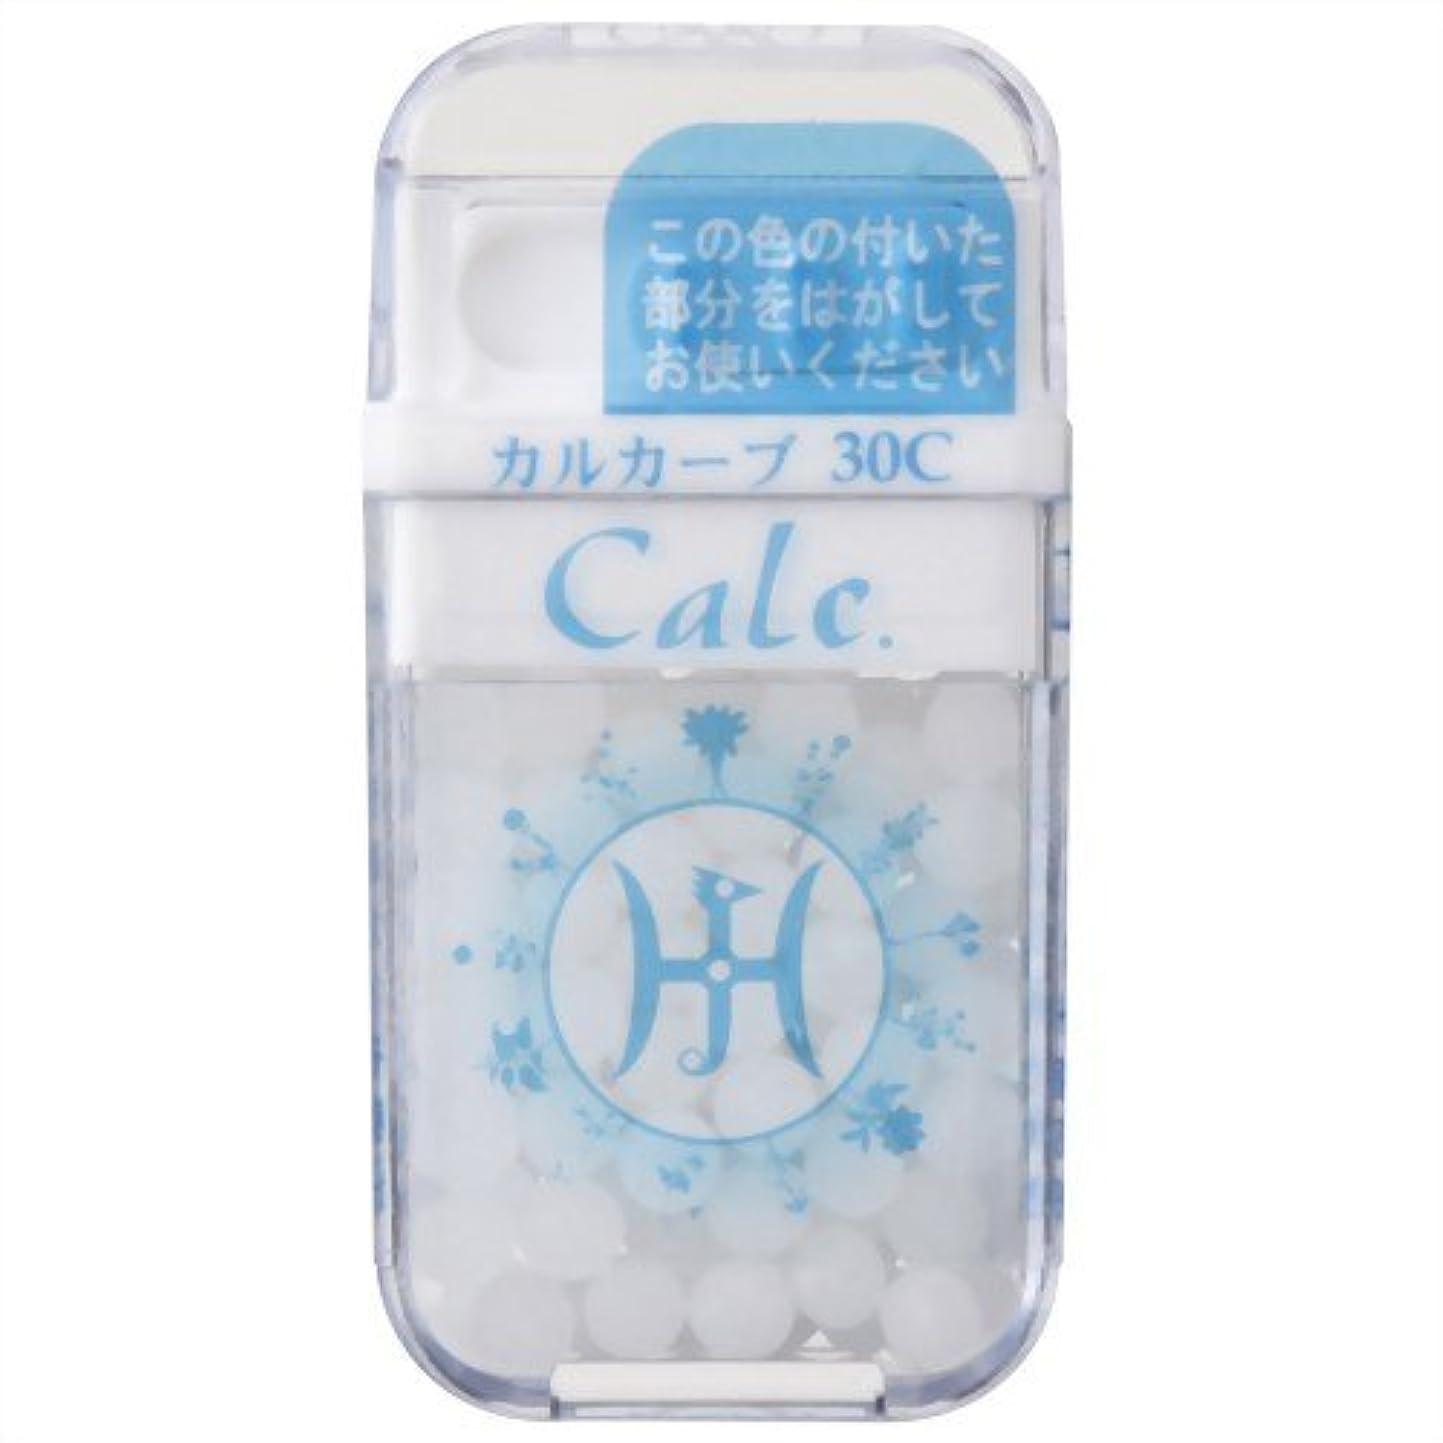 クロールうまくいけばもっともらしいホメオパシージャパンレメディー Calc.  カルカーブ 30C (大ビン)